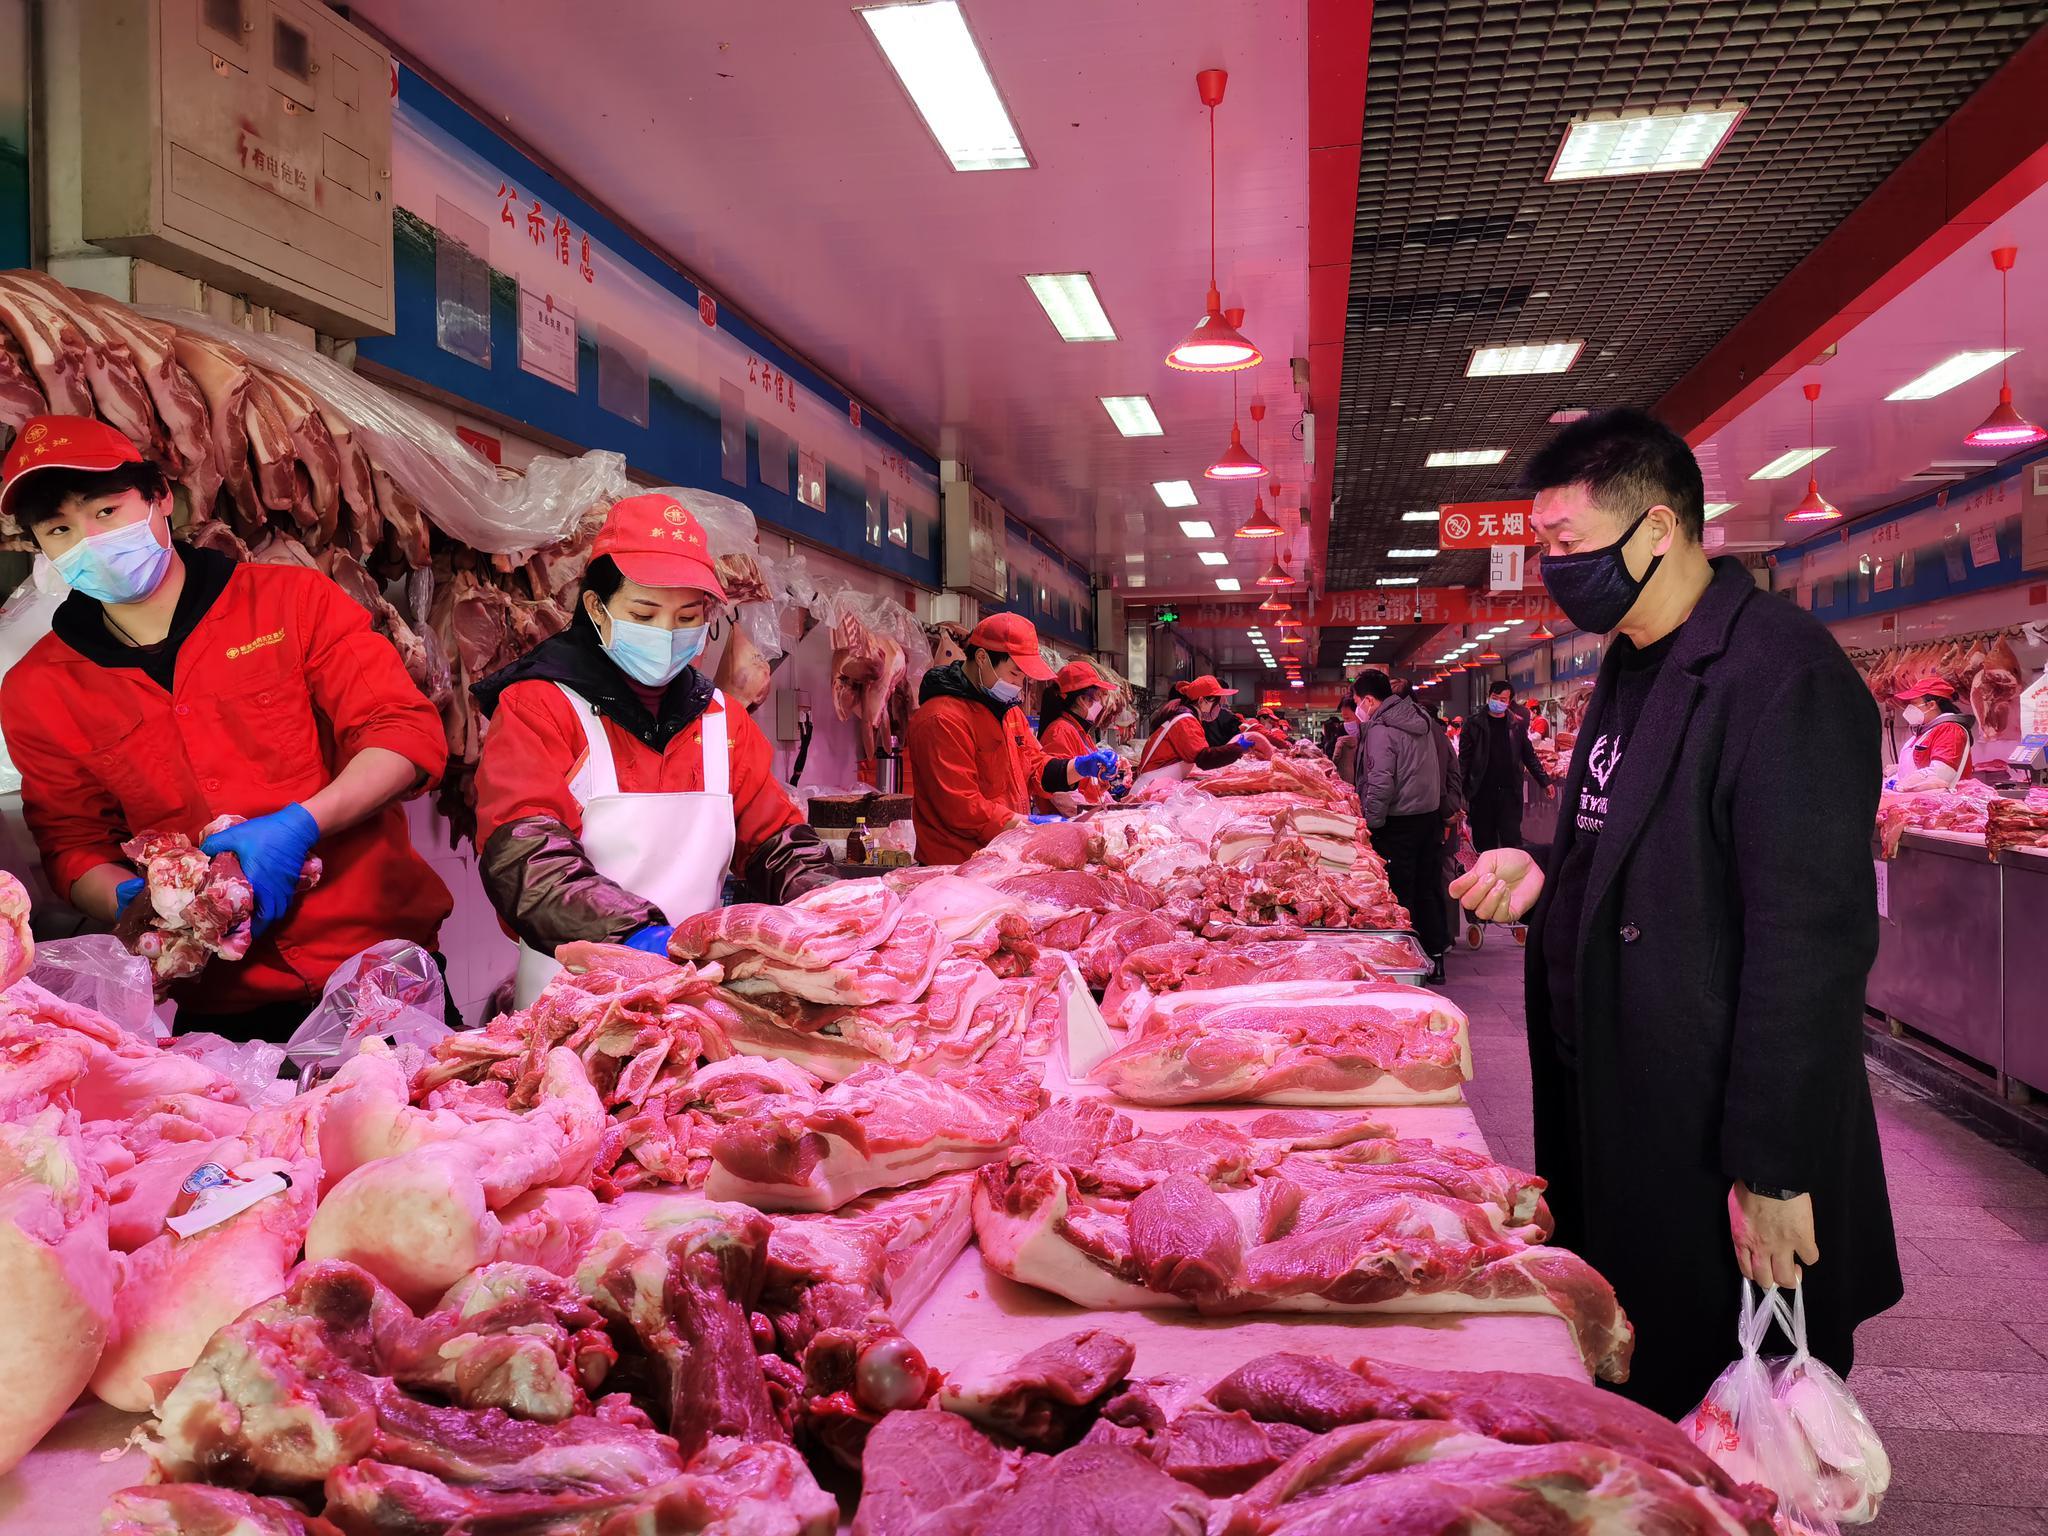 猪肉价格持续下降,新发地:继续上涨的动力不足